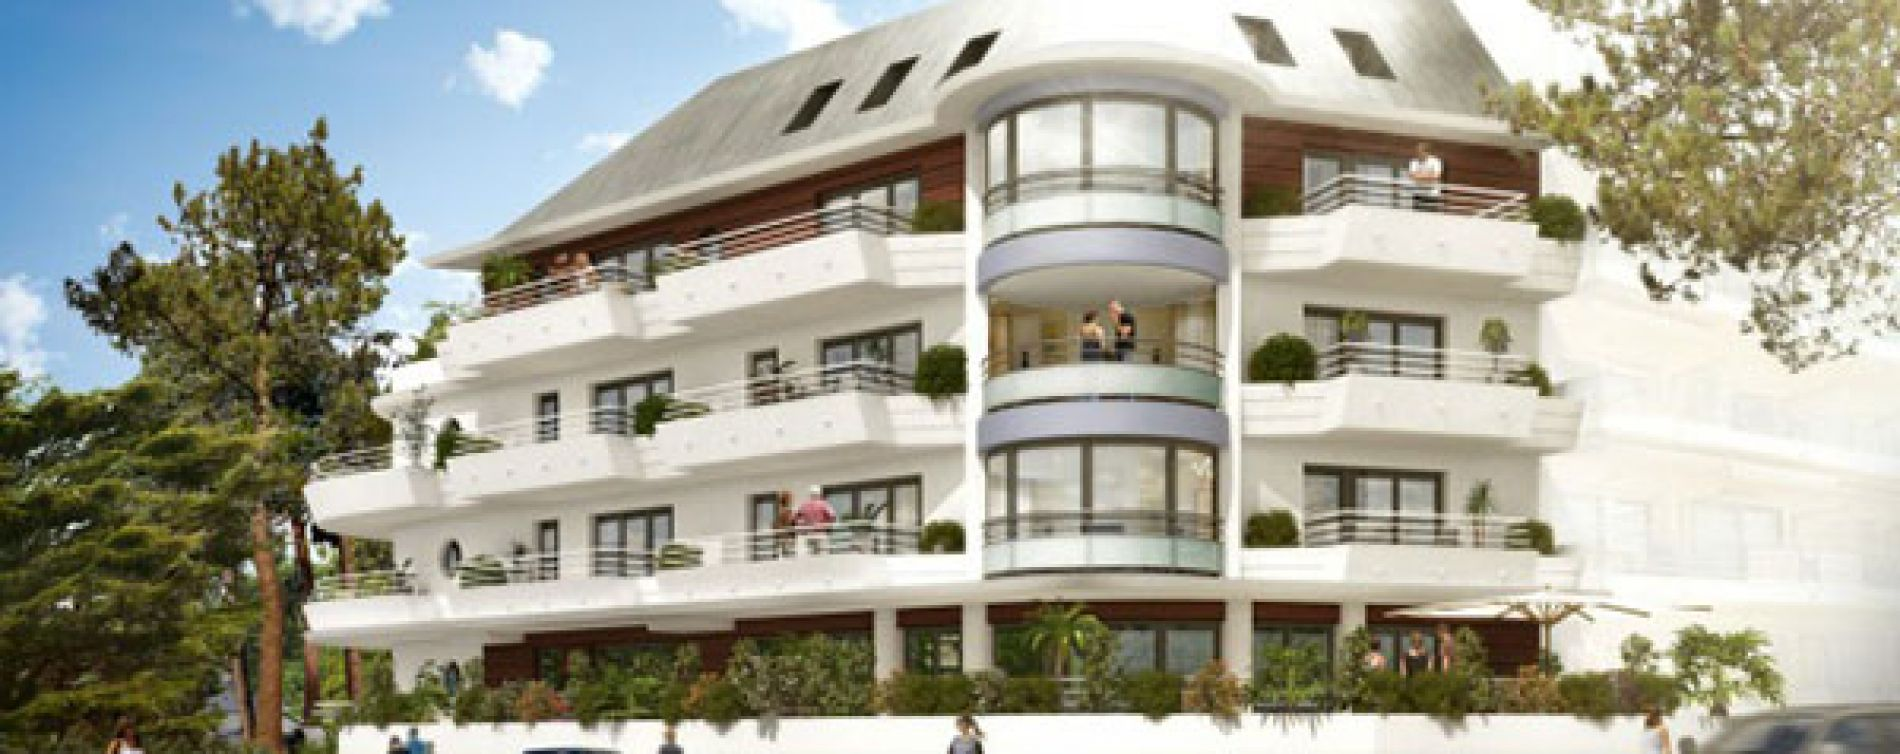 Résidence Villa les Troves à la Baule-Escoublac